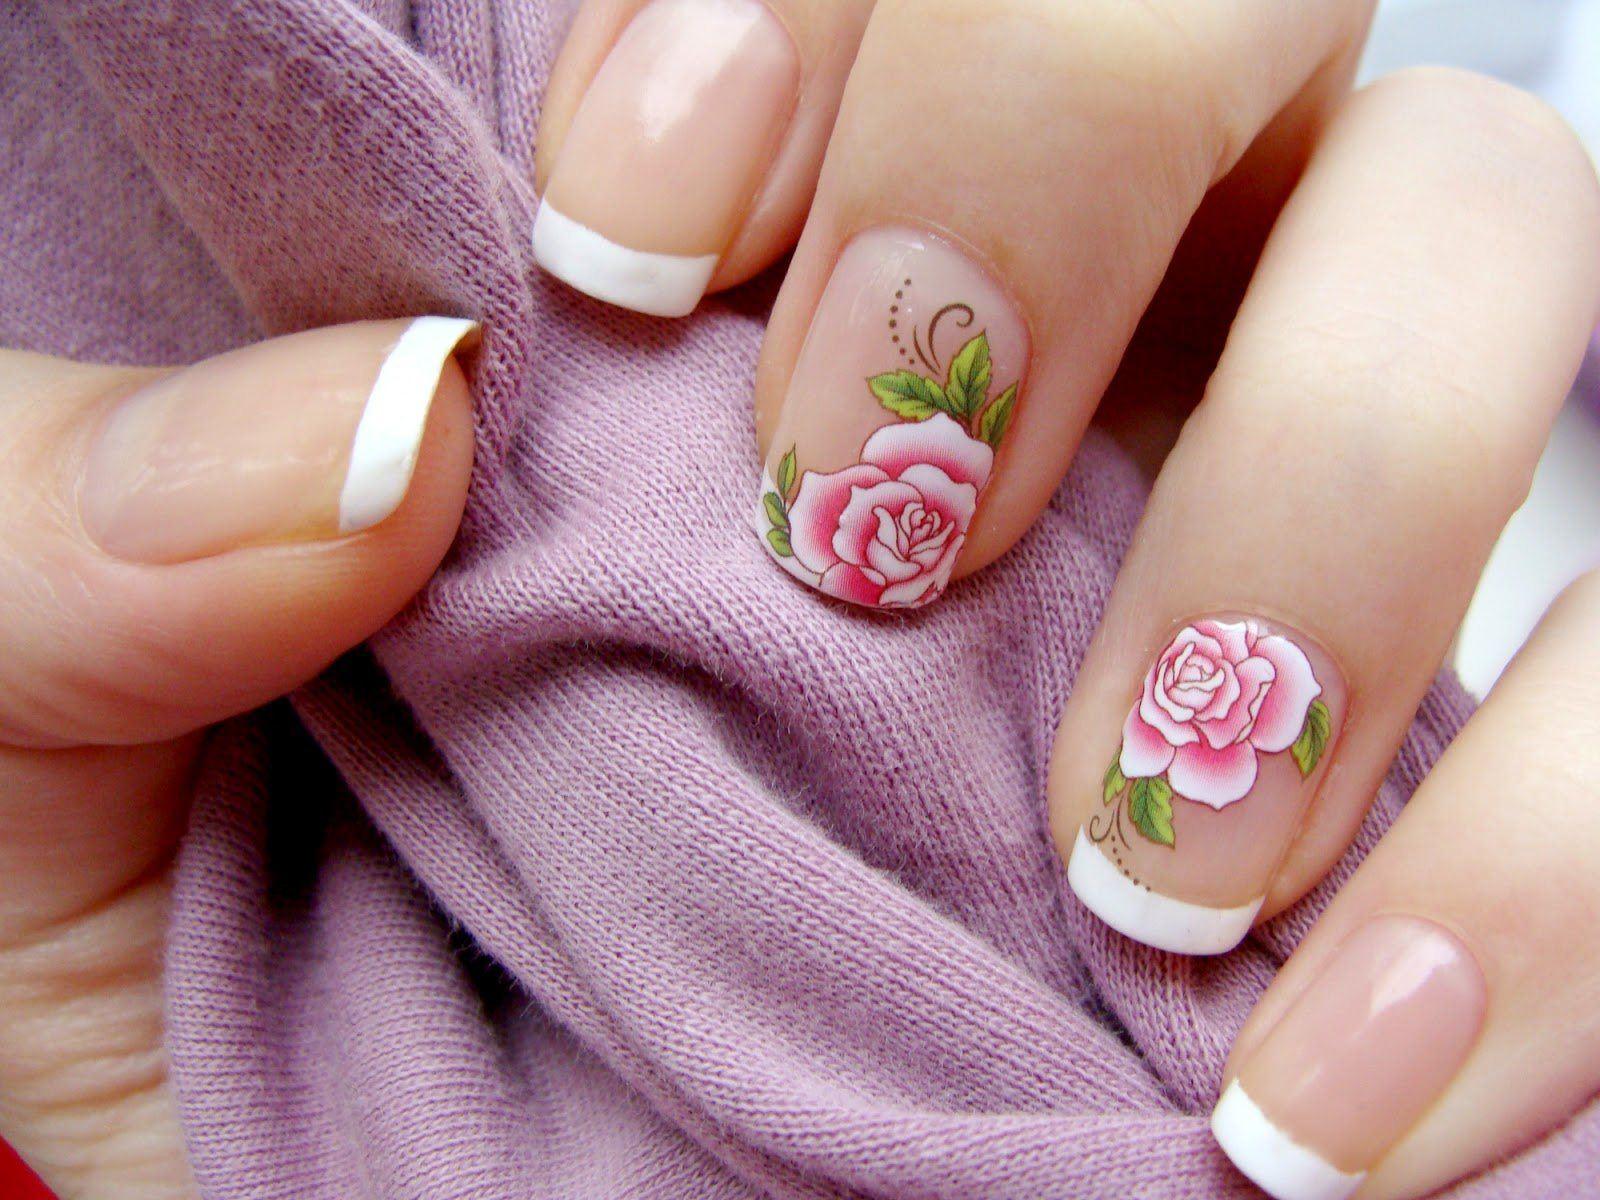 Как начинающим научиться рисовать розы на ногтях поэтапно